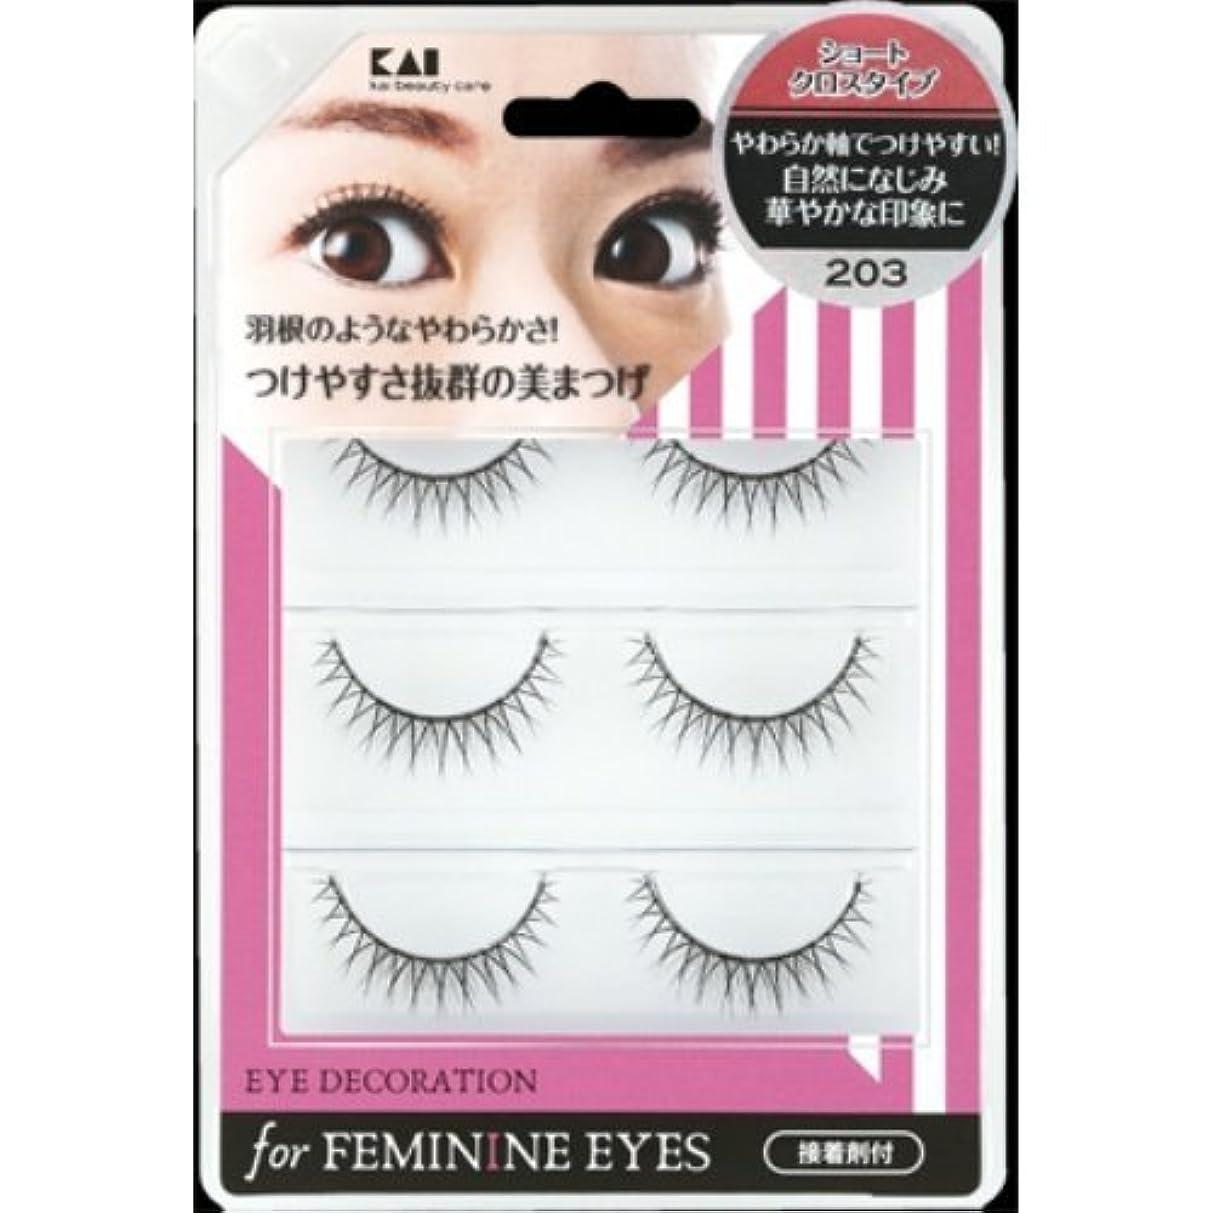 ランプドラマ粗い貝印 アイデコレーション for feminine eyes 203 HC1560